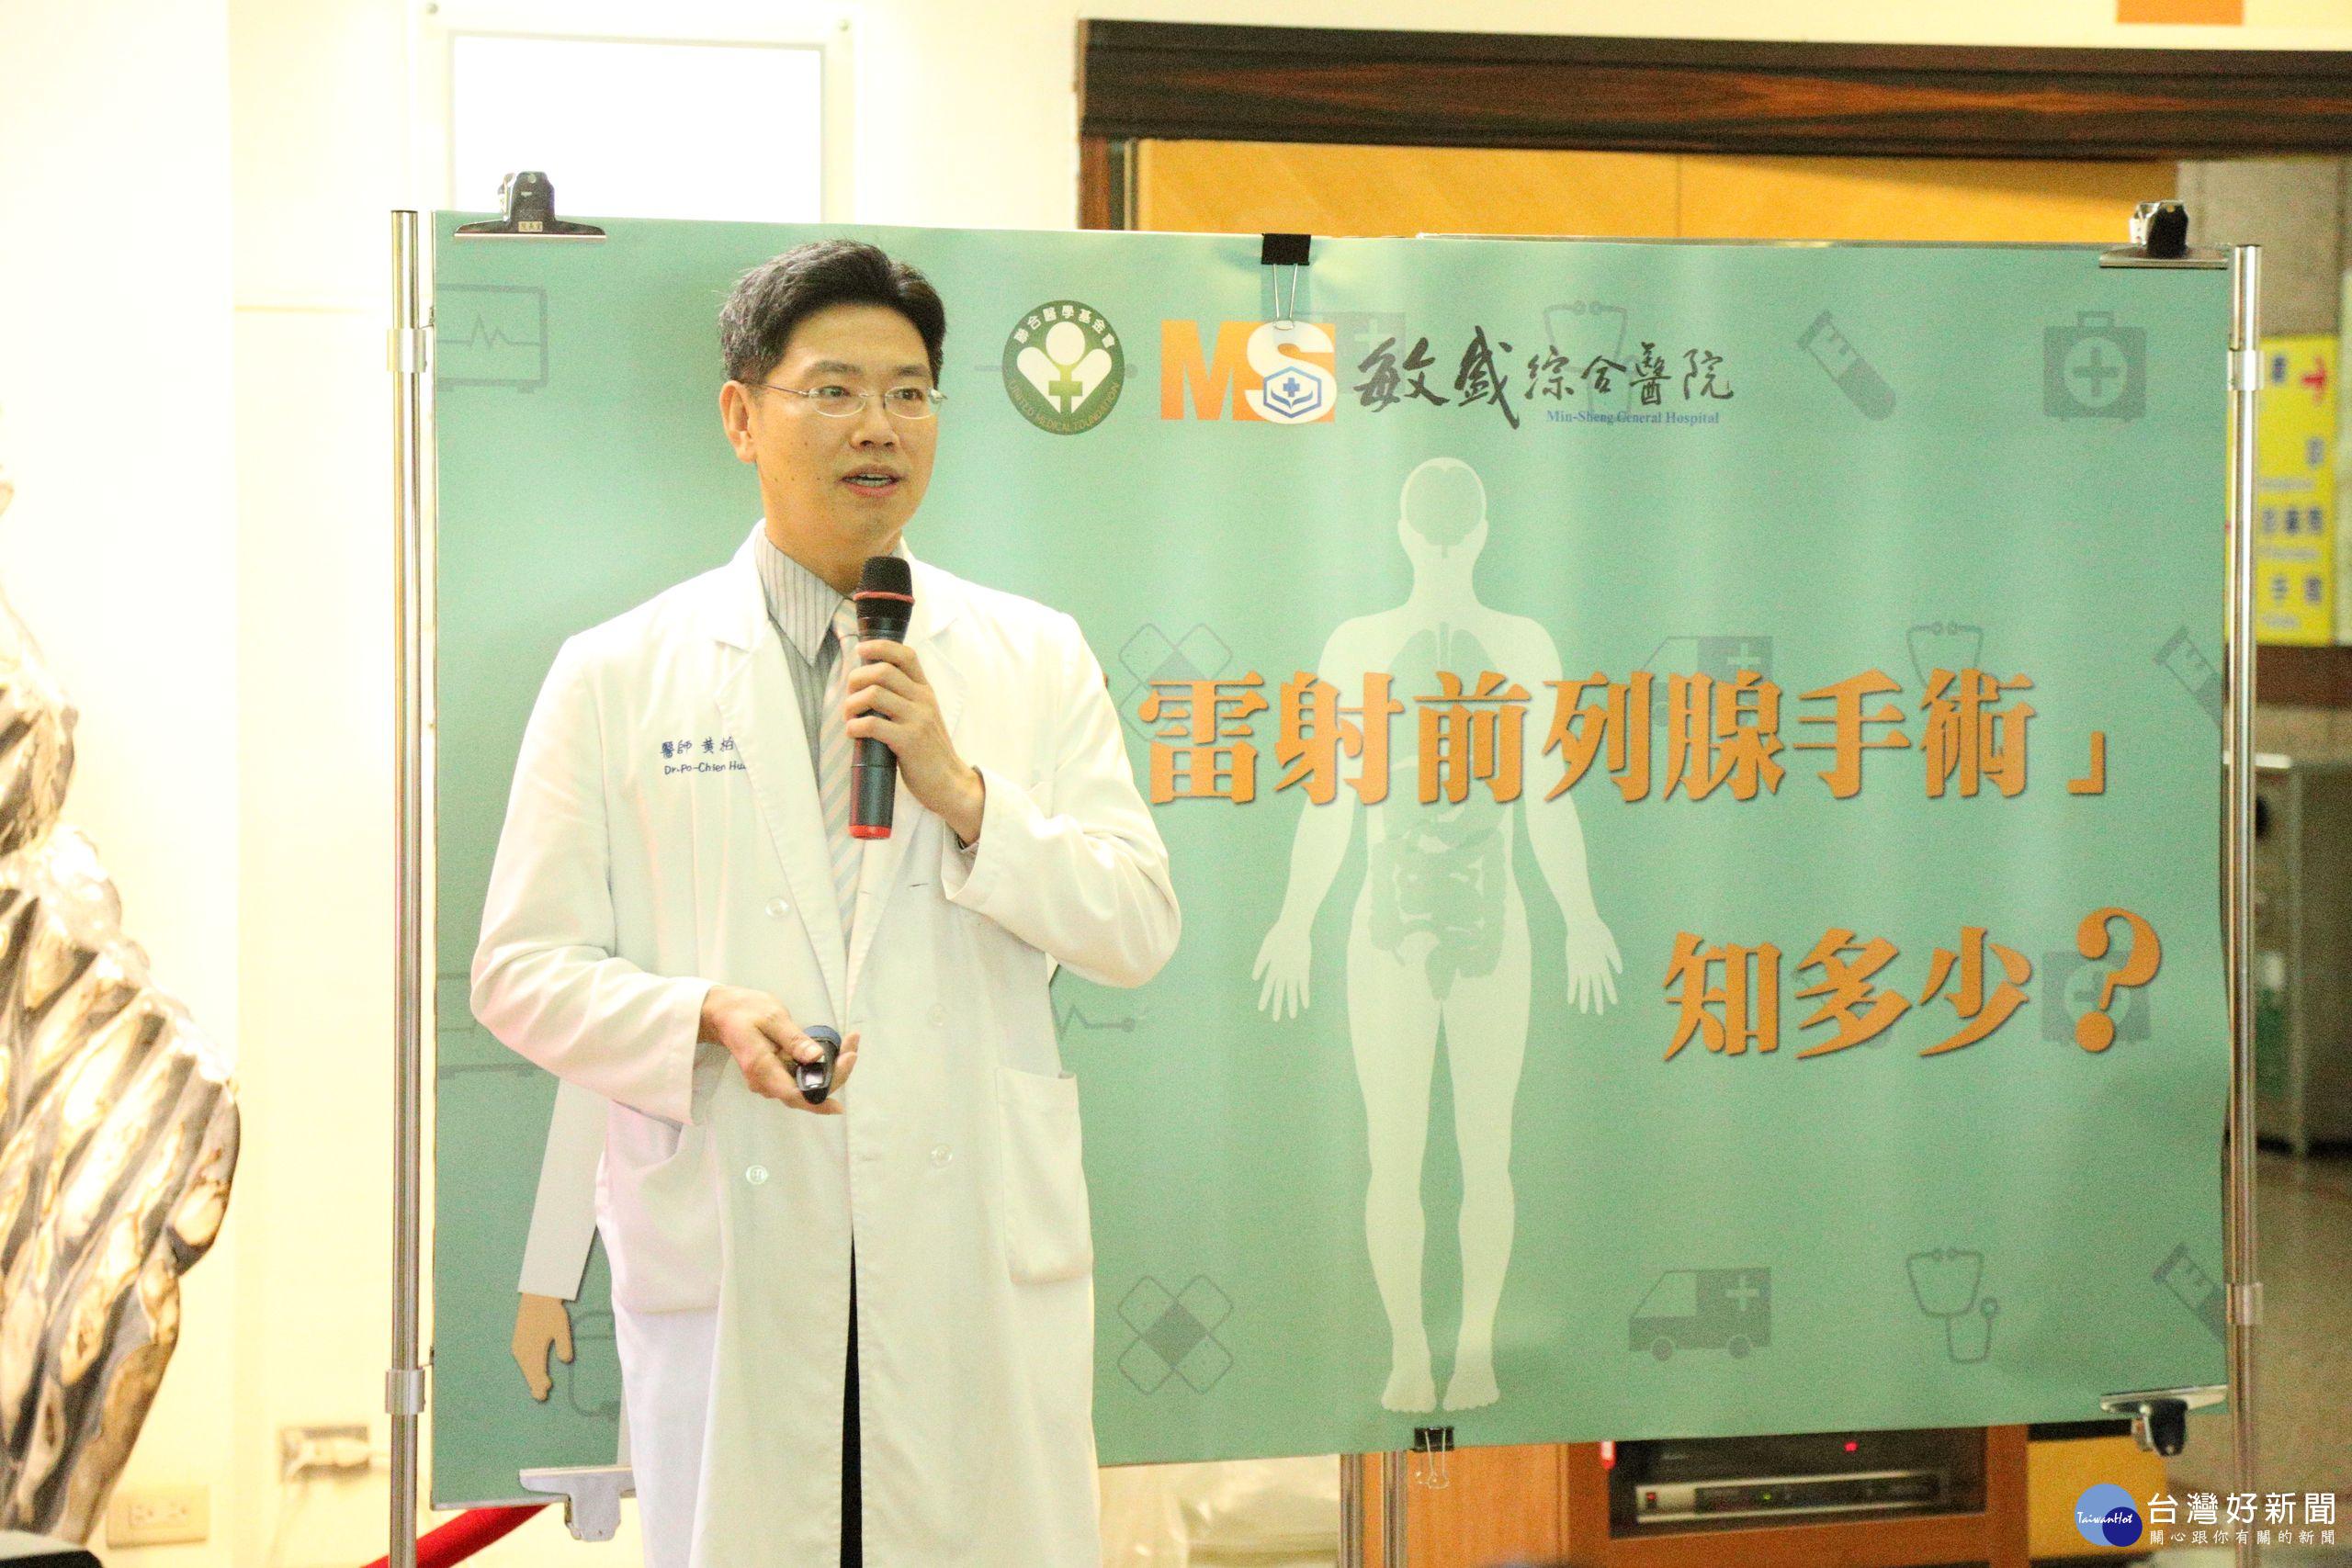 前列腺肥大男性長壽病 手術解決排尿問題